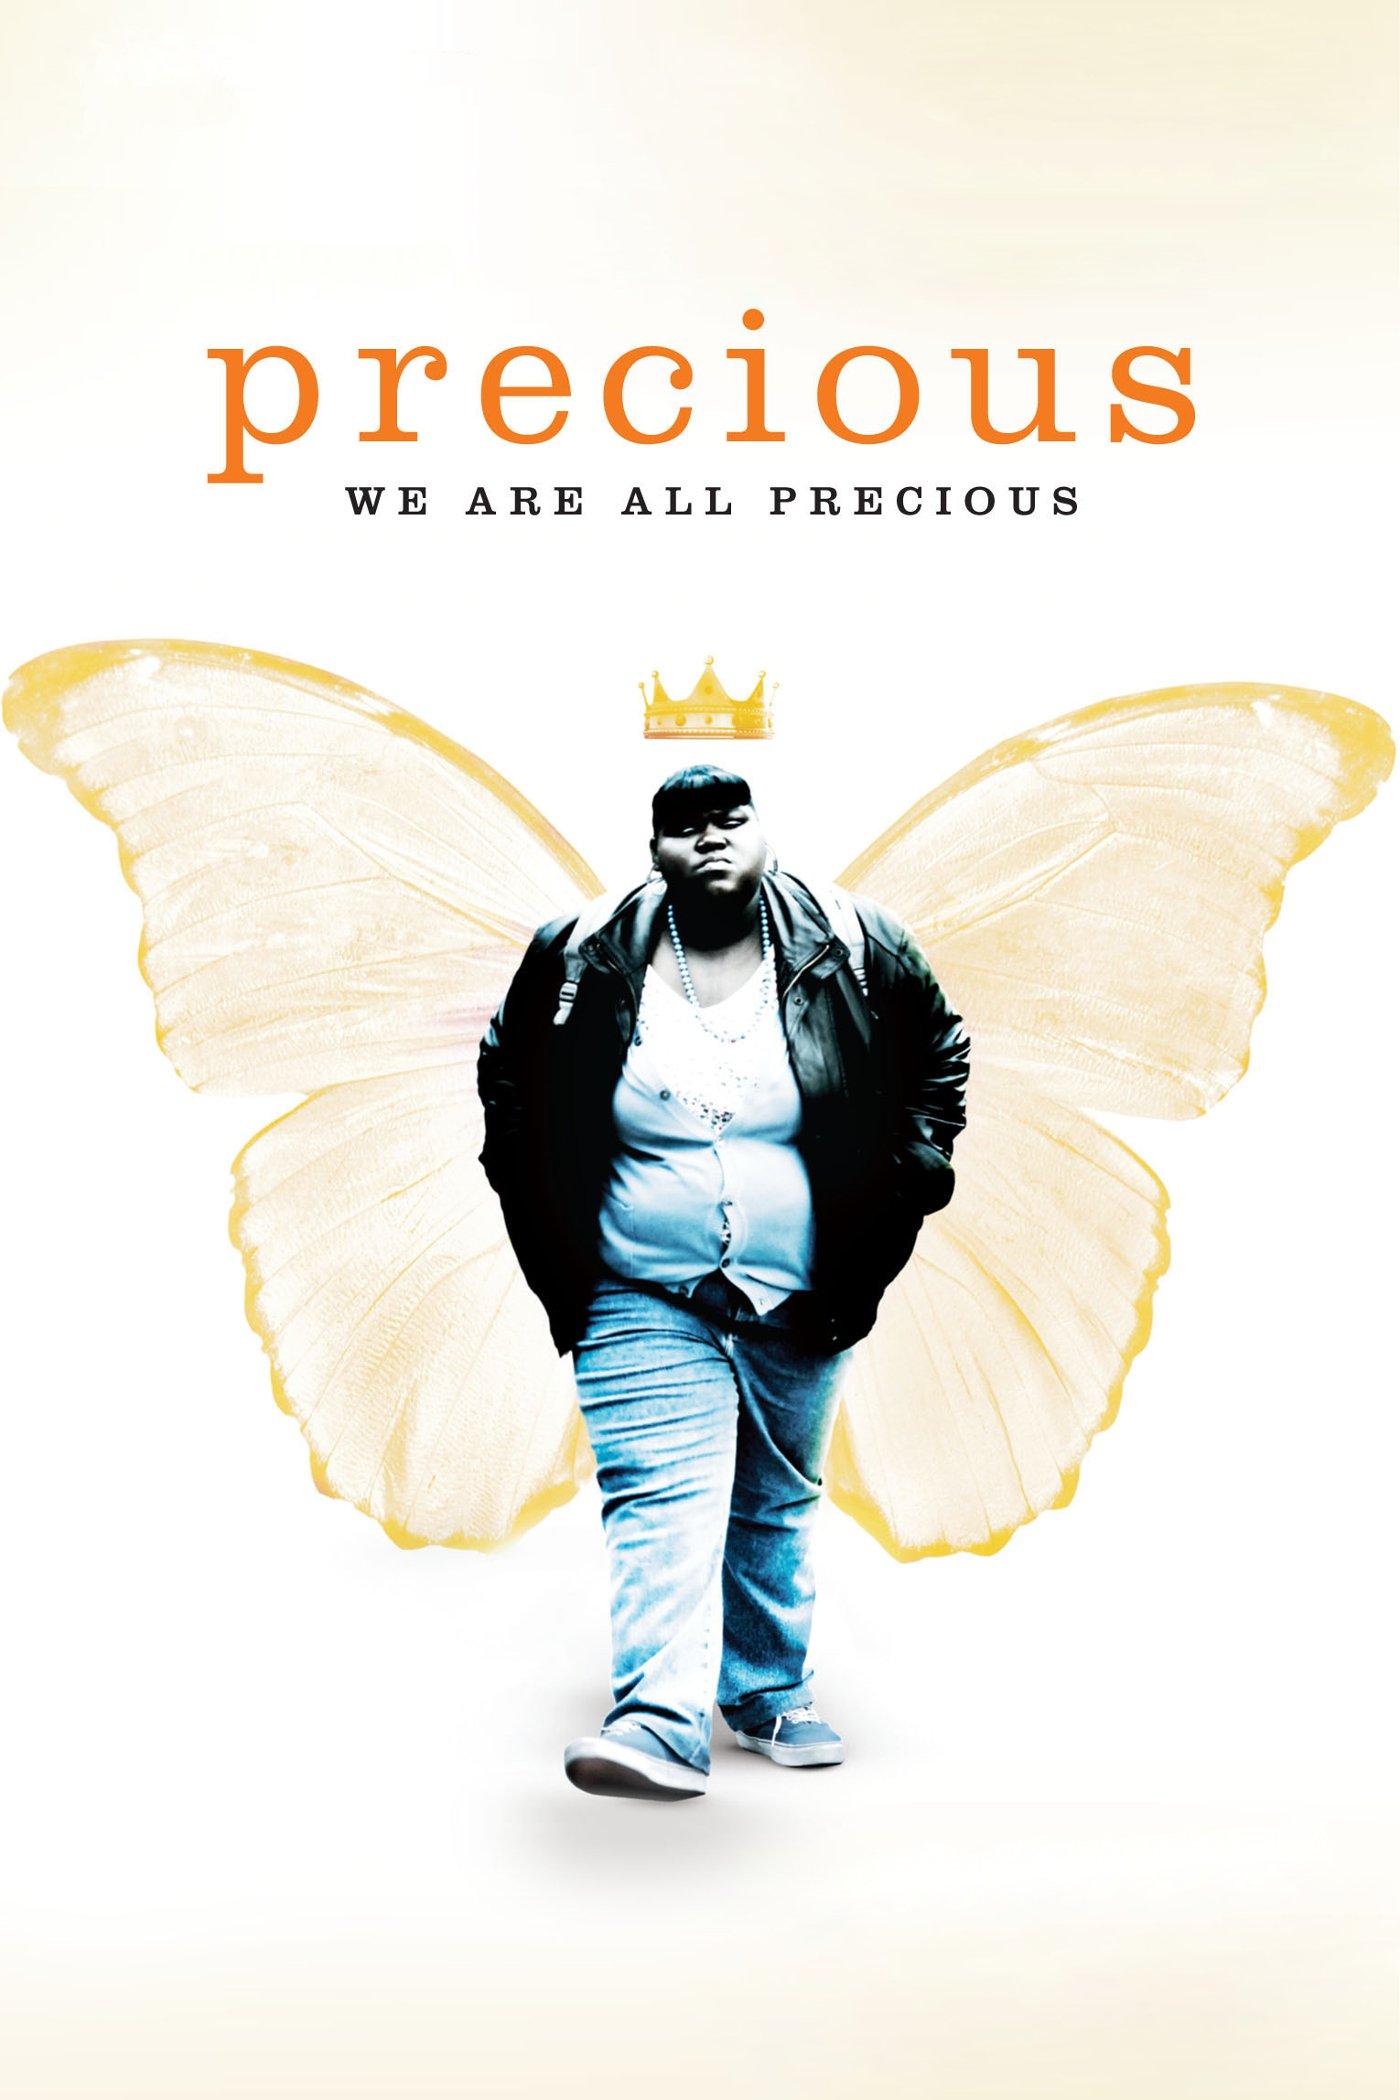 Precious, 2009